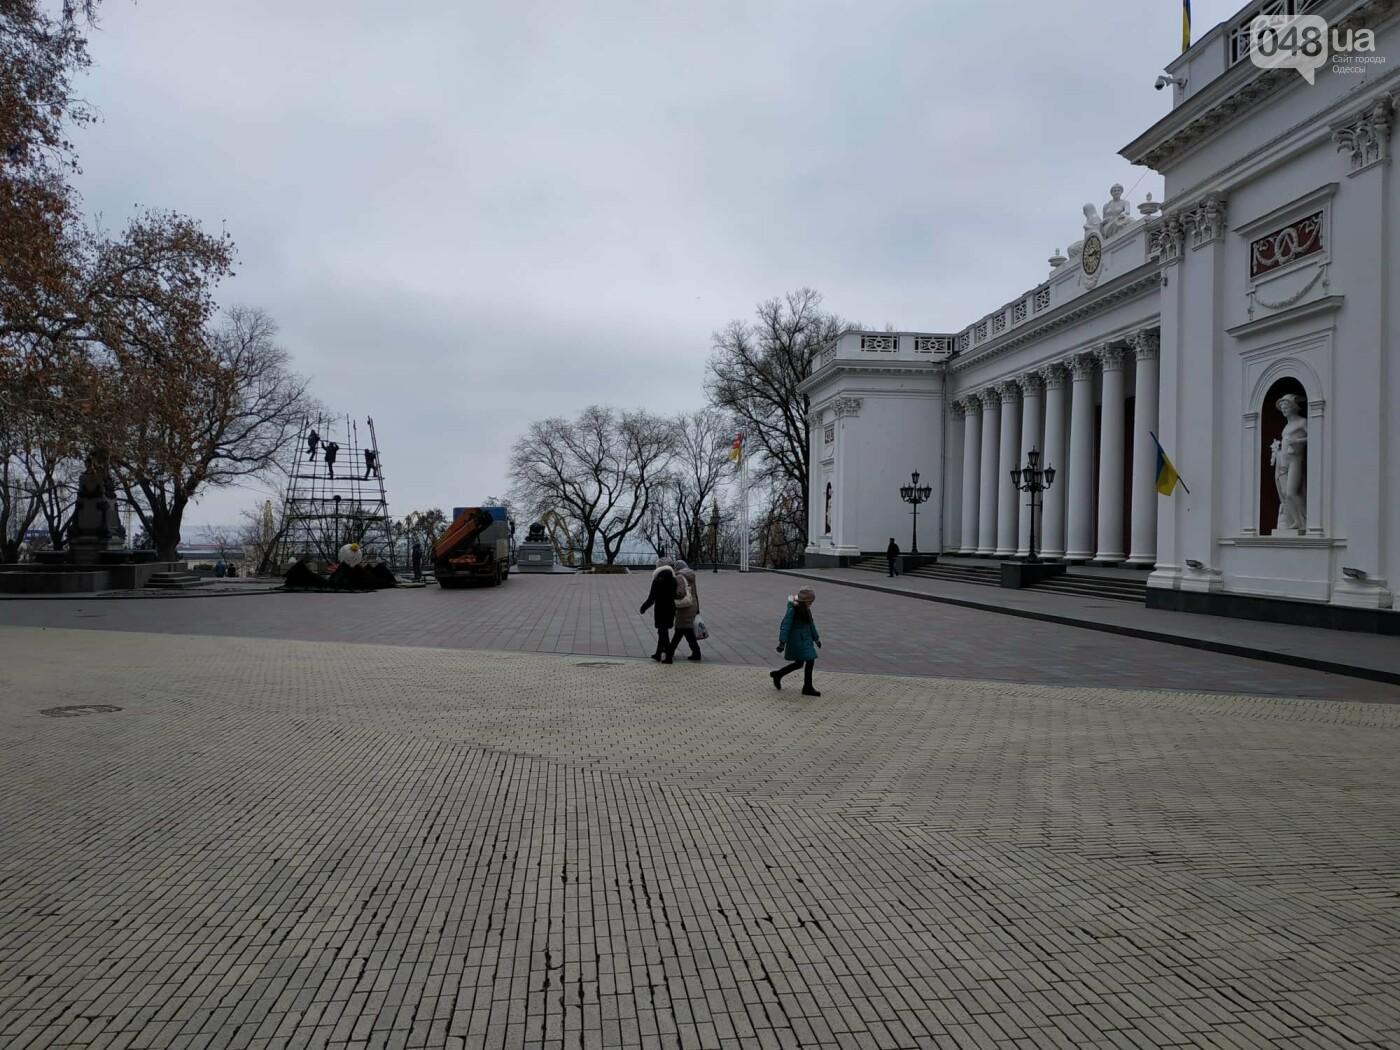 Праздники закончились: главную елку Одессы разбирают, - ФОТО, фото-4